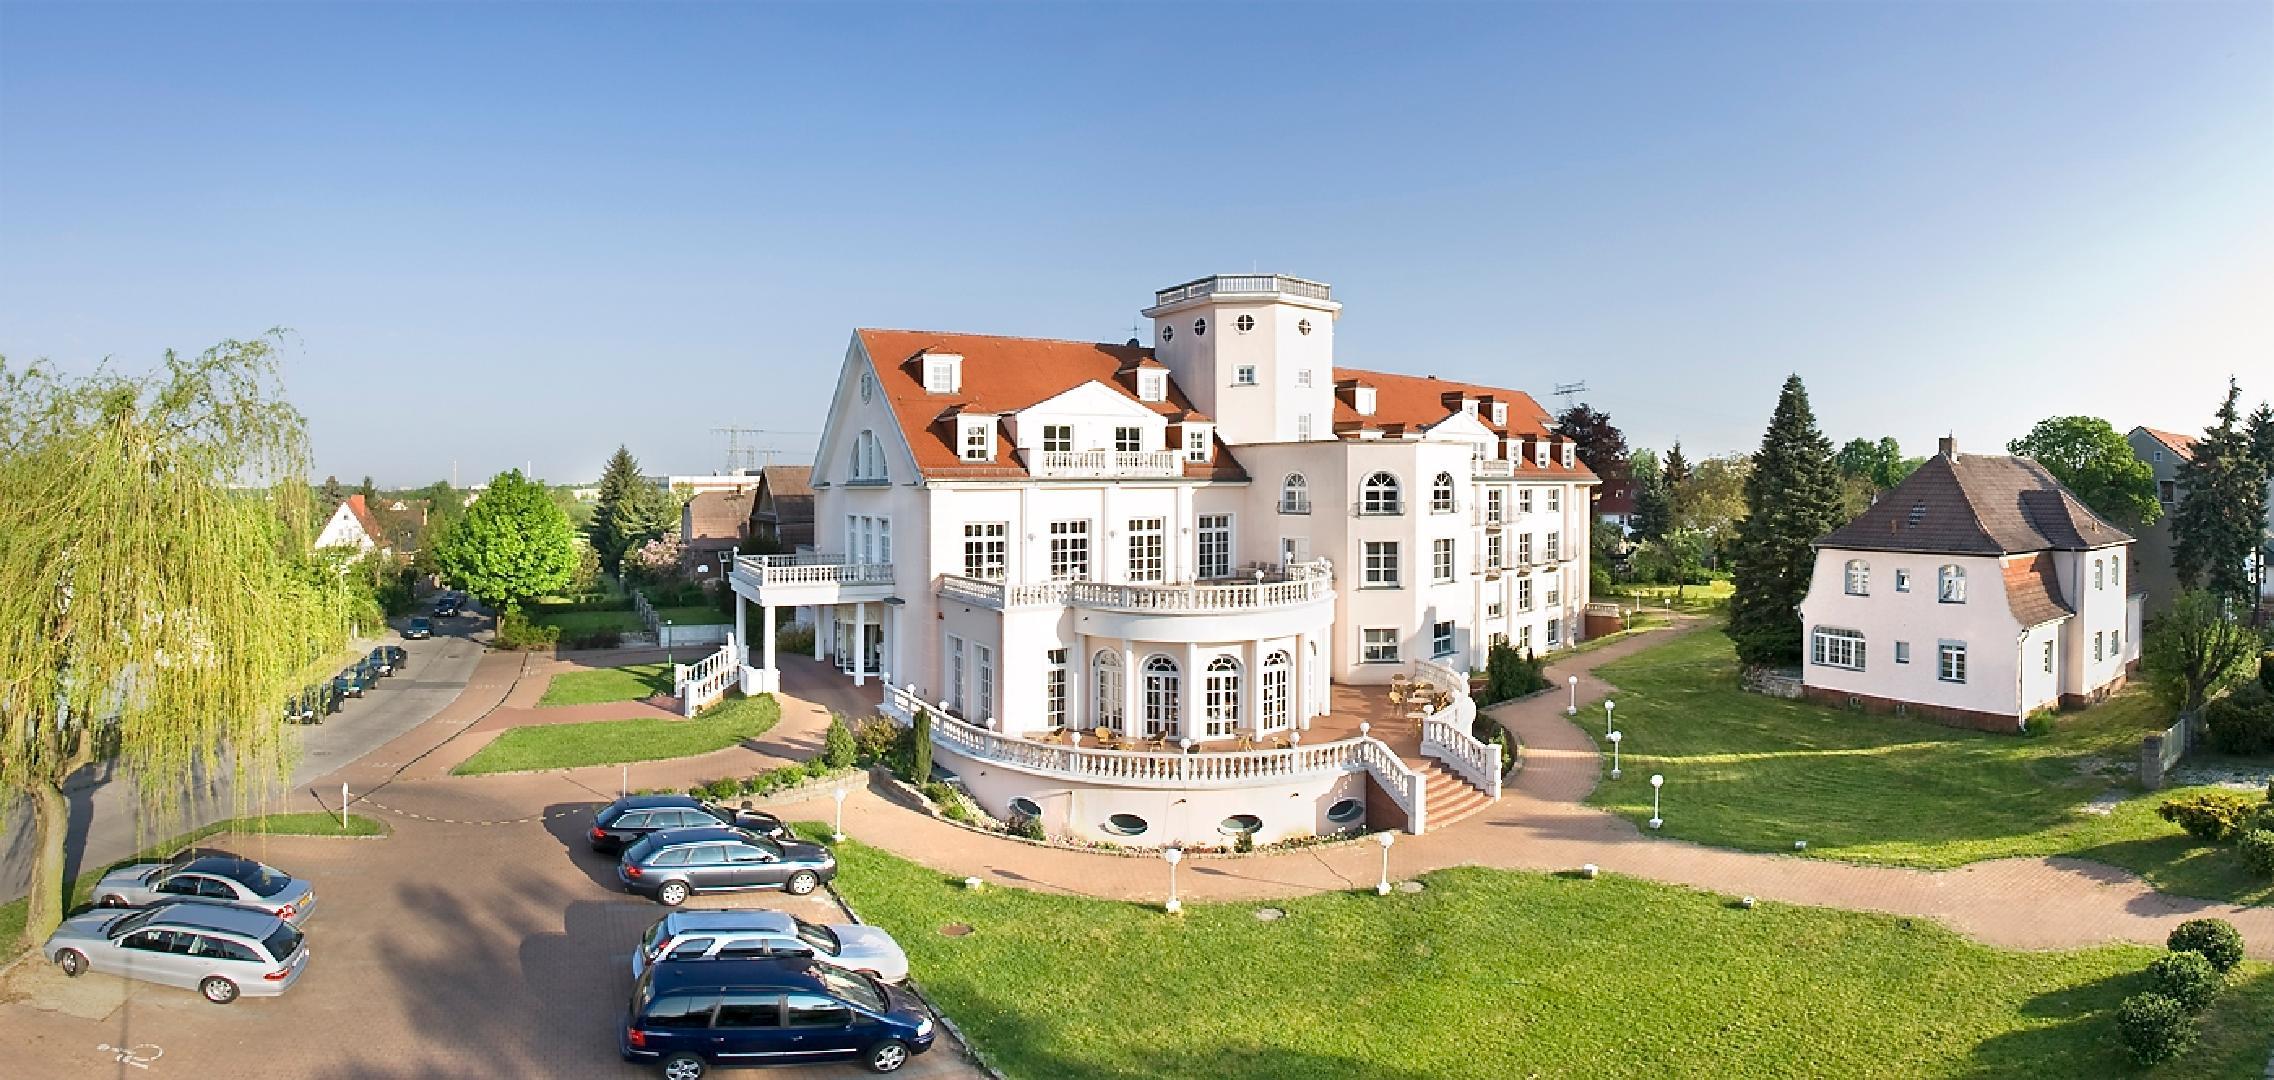 Ansicht Schloss Kaulsdorf